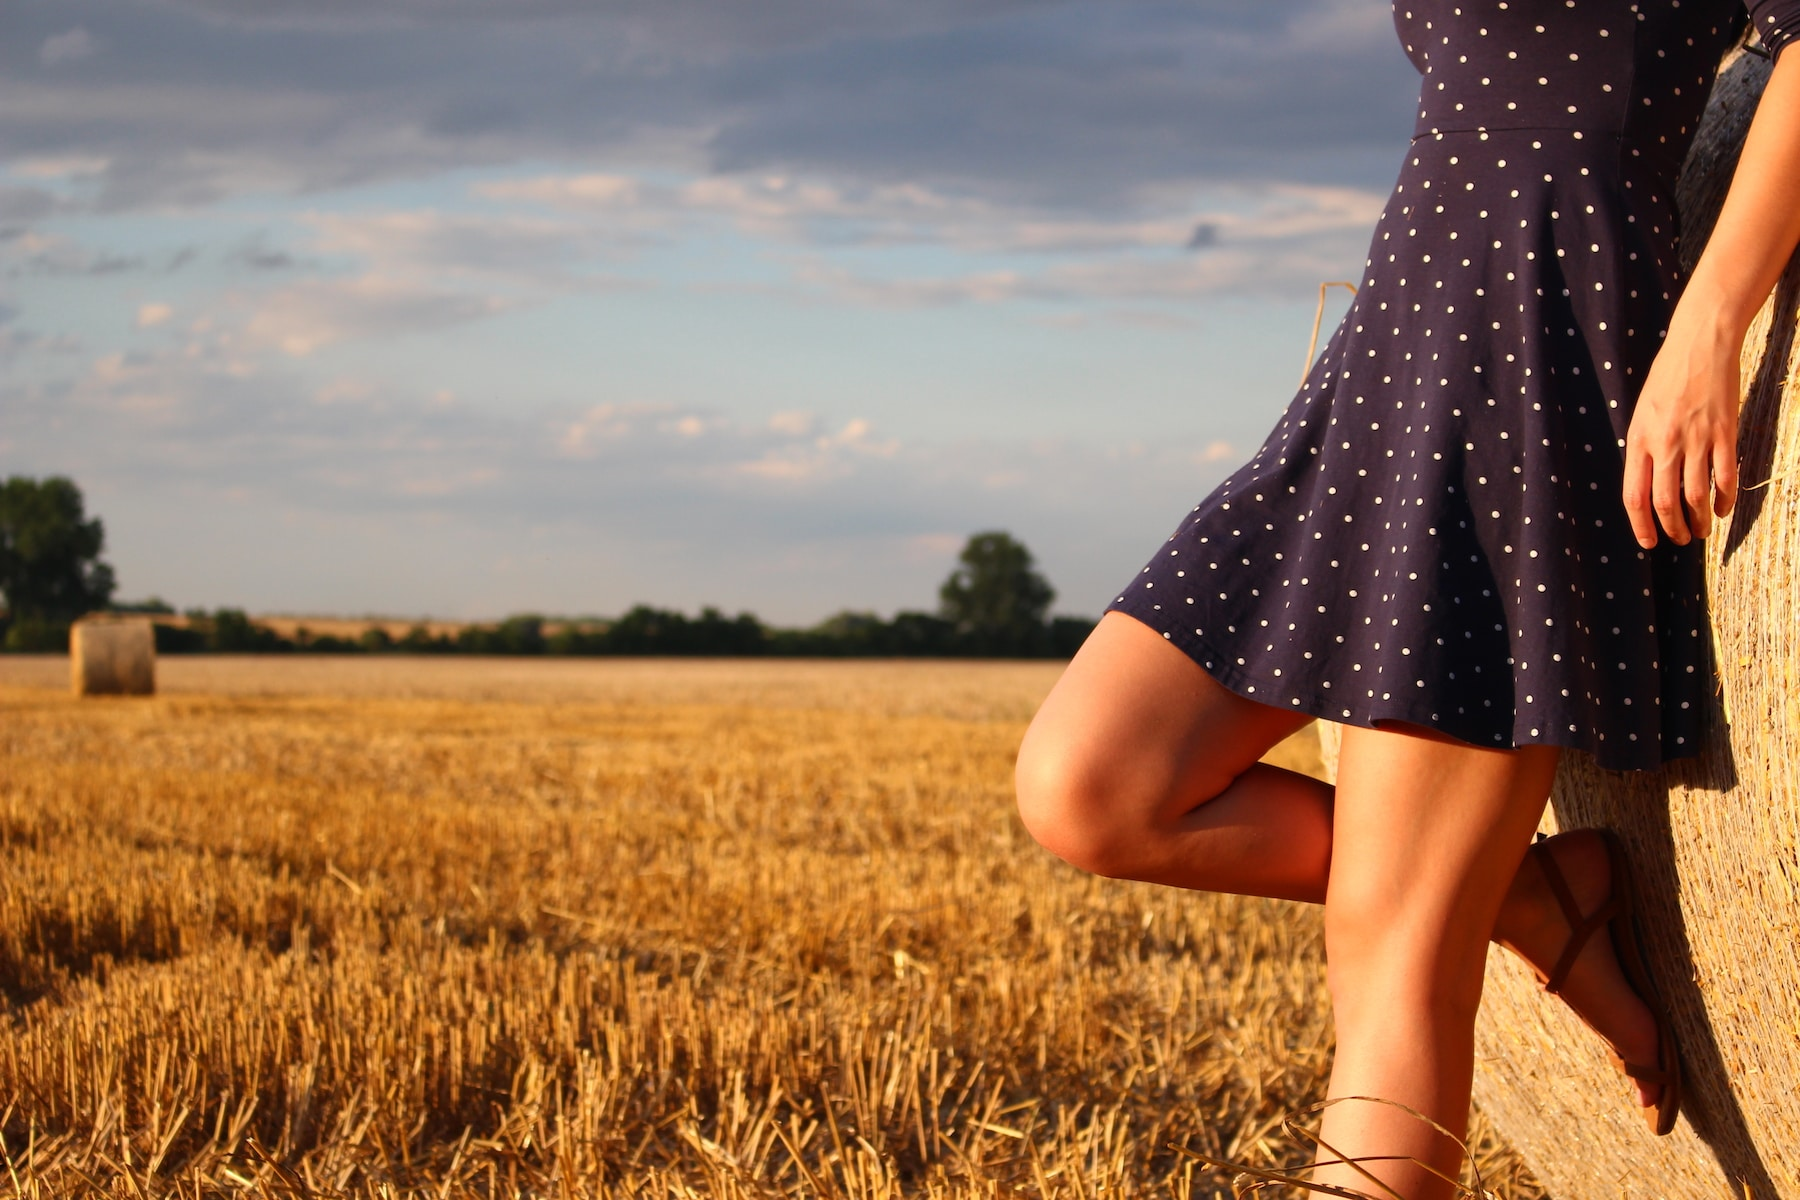 Knieschmerzen verbessern nach dem Joggen, Laufen oder Sitzen (Innenseite und außen). Meine Hausmittel:7 Tipps, um Knieschmerzen ursächlich zu verbessern - ohne Operation Kennst du das, dass dich beim Laufen Knieschmerzen plagen oder hast du Knieschmerzen nach dem Joggen? Oder eine alte Knieverletzung verursacht Beschwerden? Ich bin seit 2 Jahren schmerzfrei (7 Jahre Probleme). #Knieschmerzen #Gesundheit #Joggen #Laufen #Schmerzen #liebscherbracht